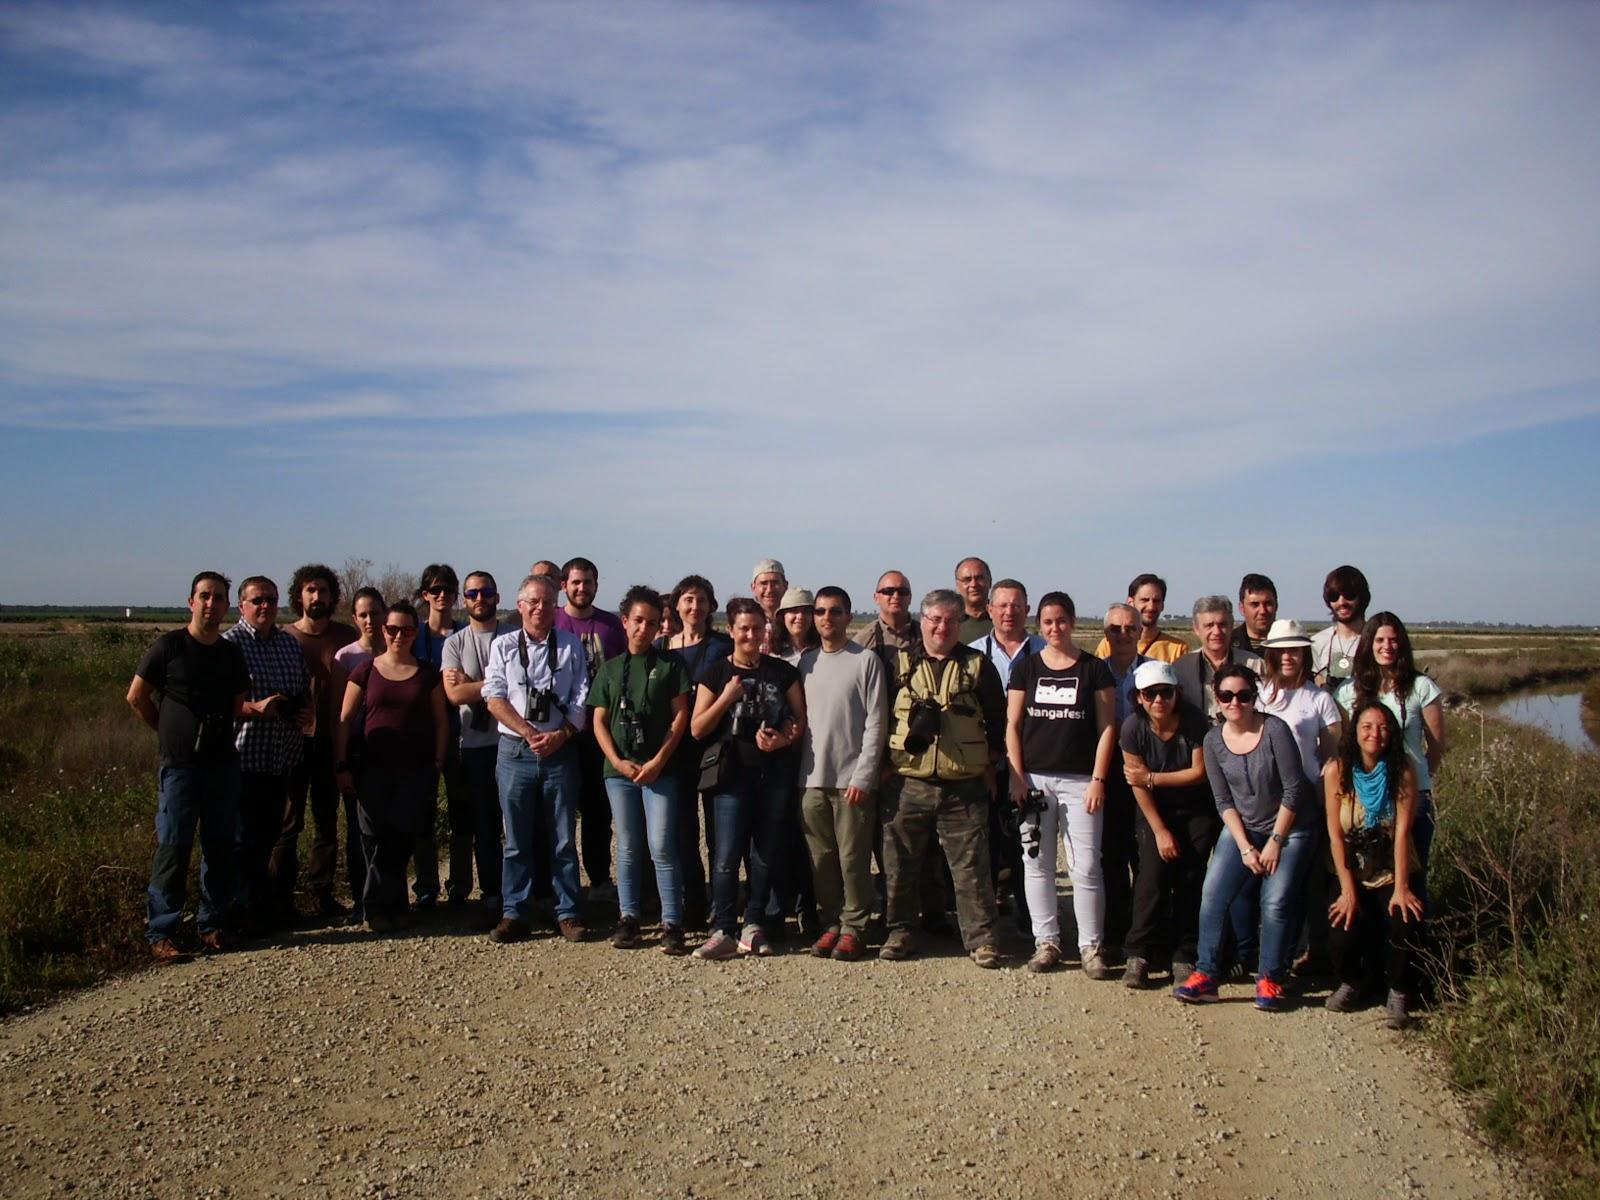 XV Curso de Iniciación a la Ornitología, Edición 2015. Organizado por Grupo Local SEO-Sevilla.